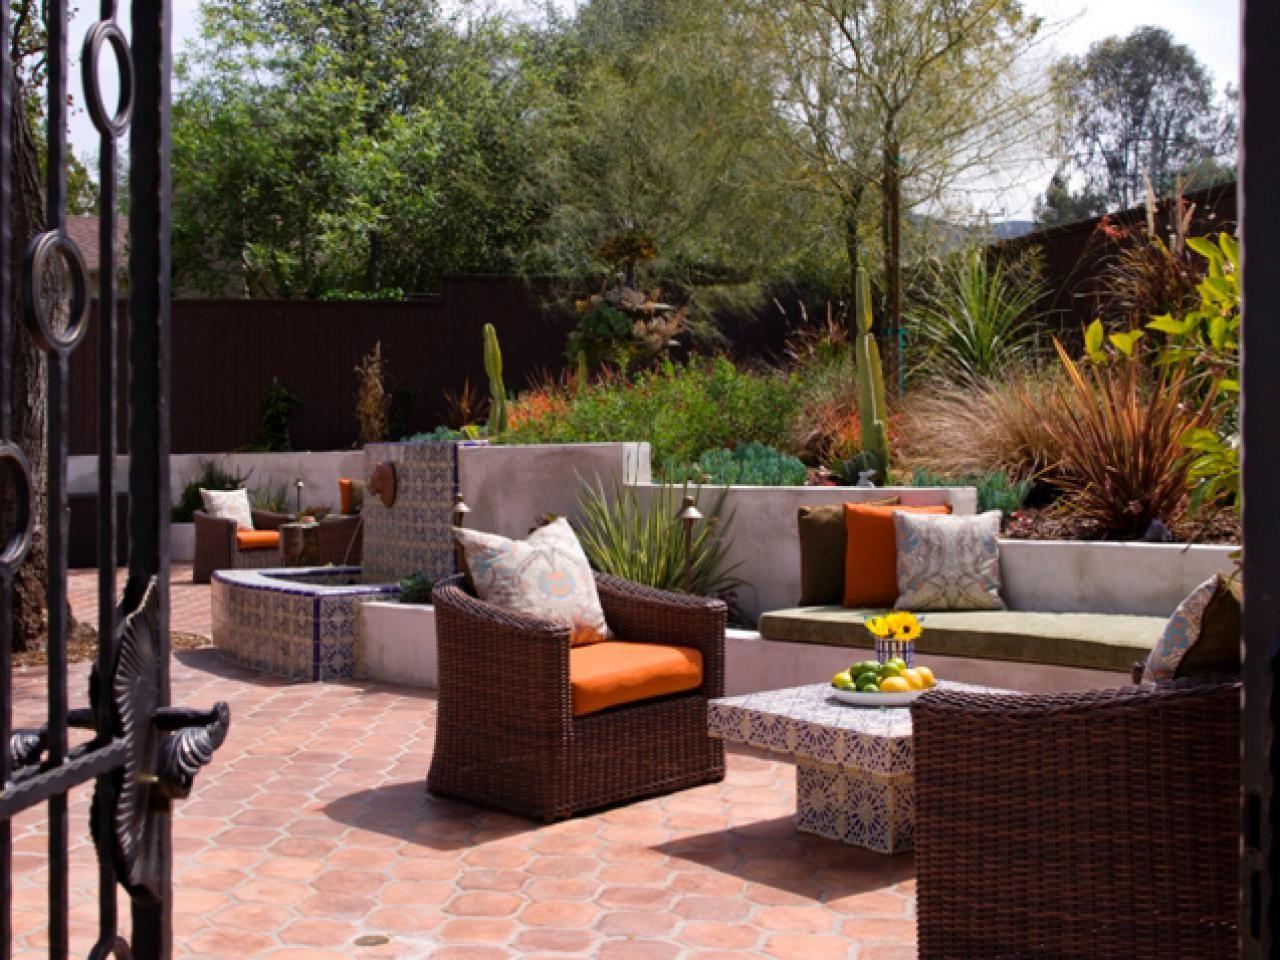 patio ideas - Garden Design Patio Ideas